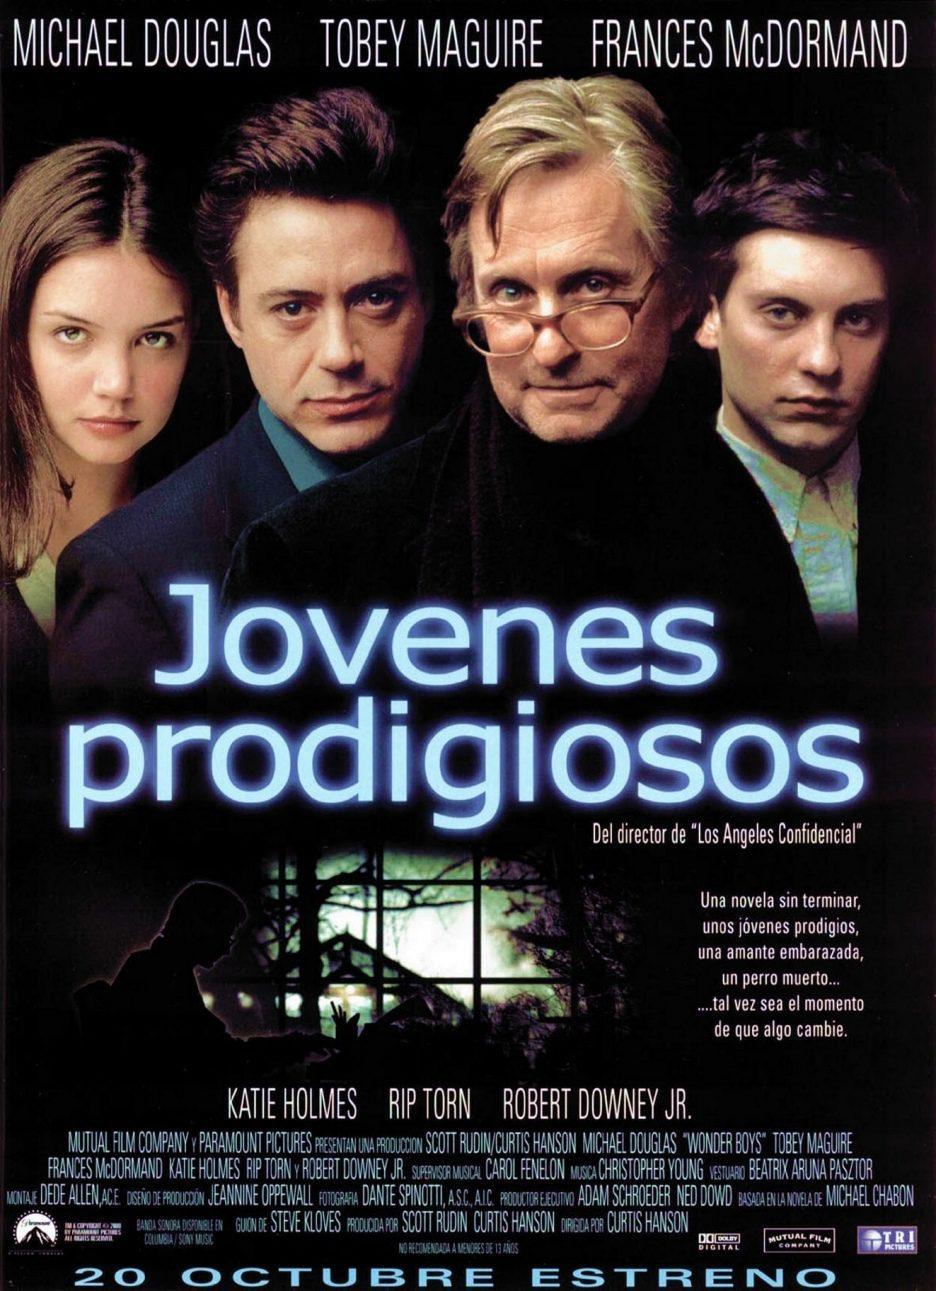 Cartel España de 'Jóvenes prodigiosos'